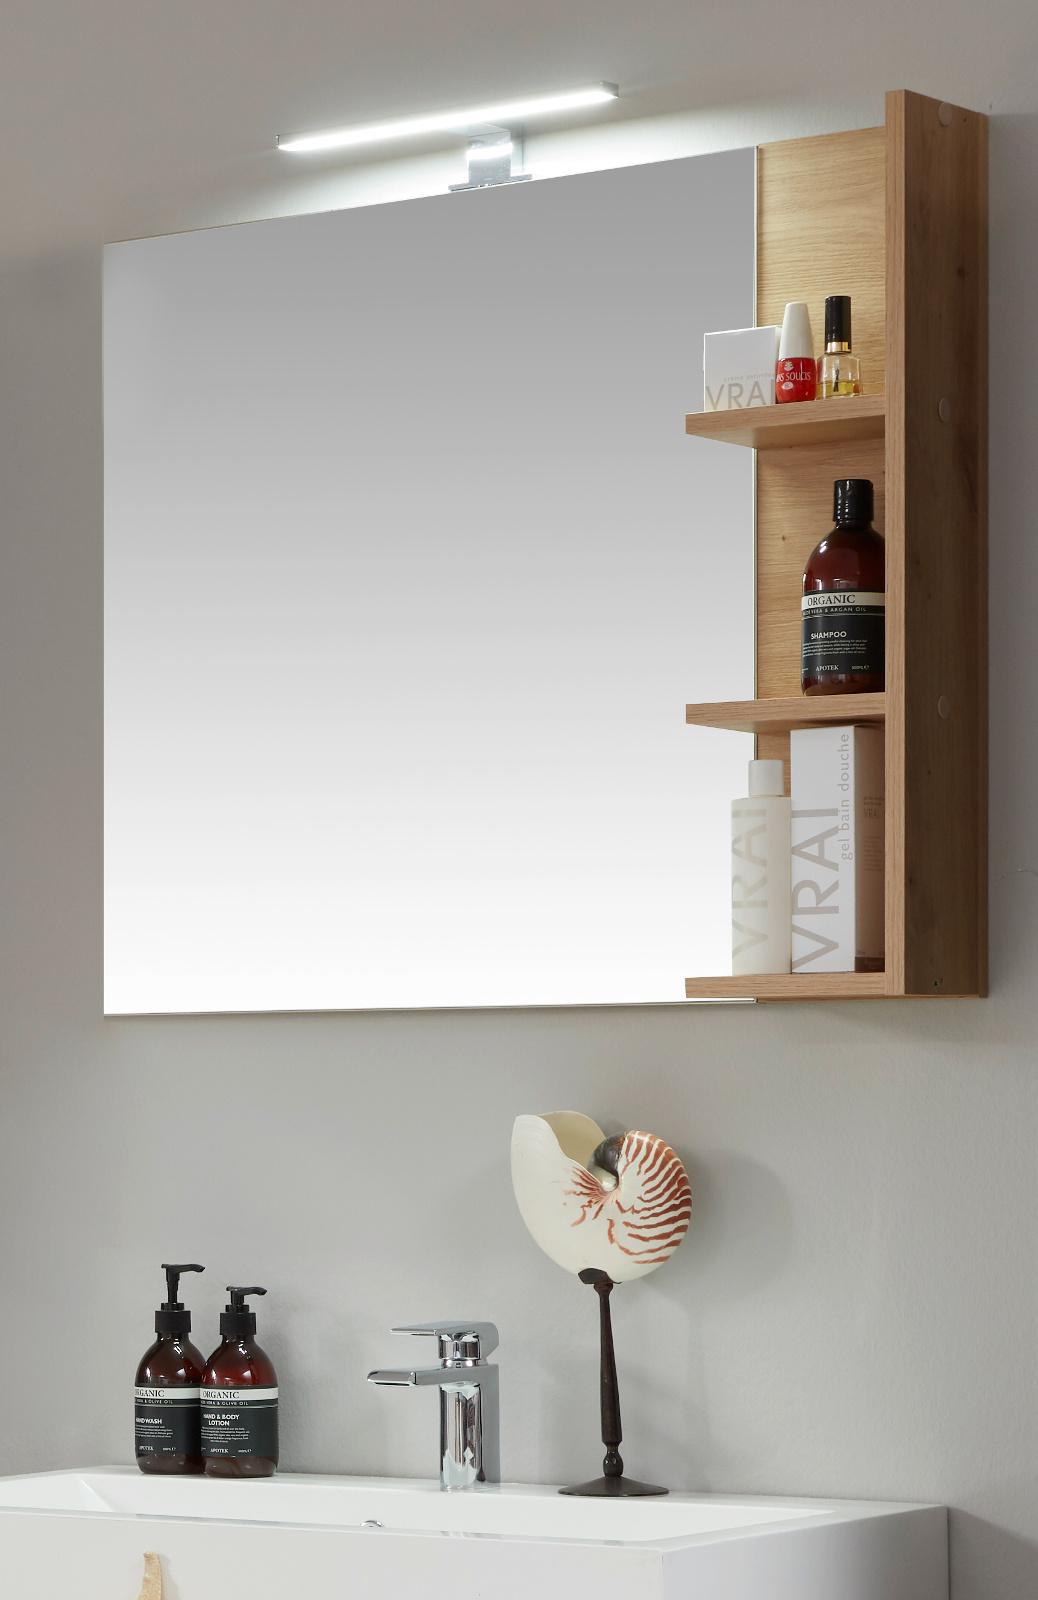 Badezimmer Spiegel One in Eiche / Asteiche Badmöbel 10 x 10 cm Wandspiegel  mit Ablage